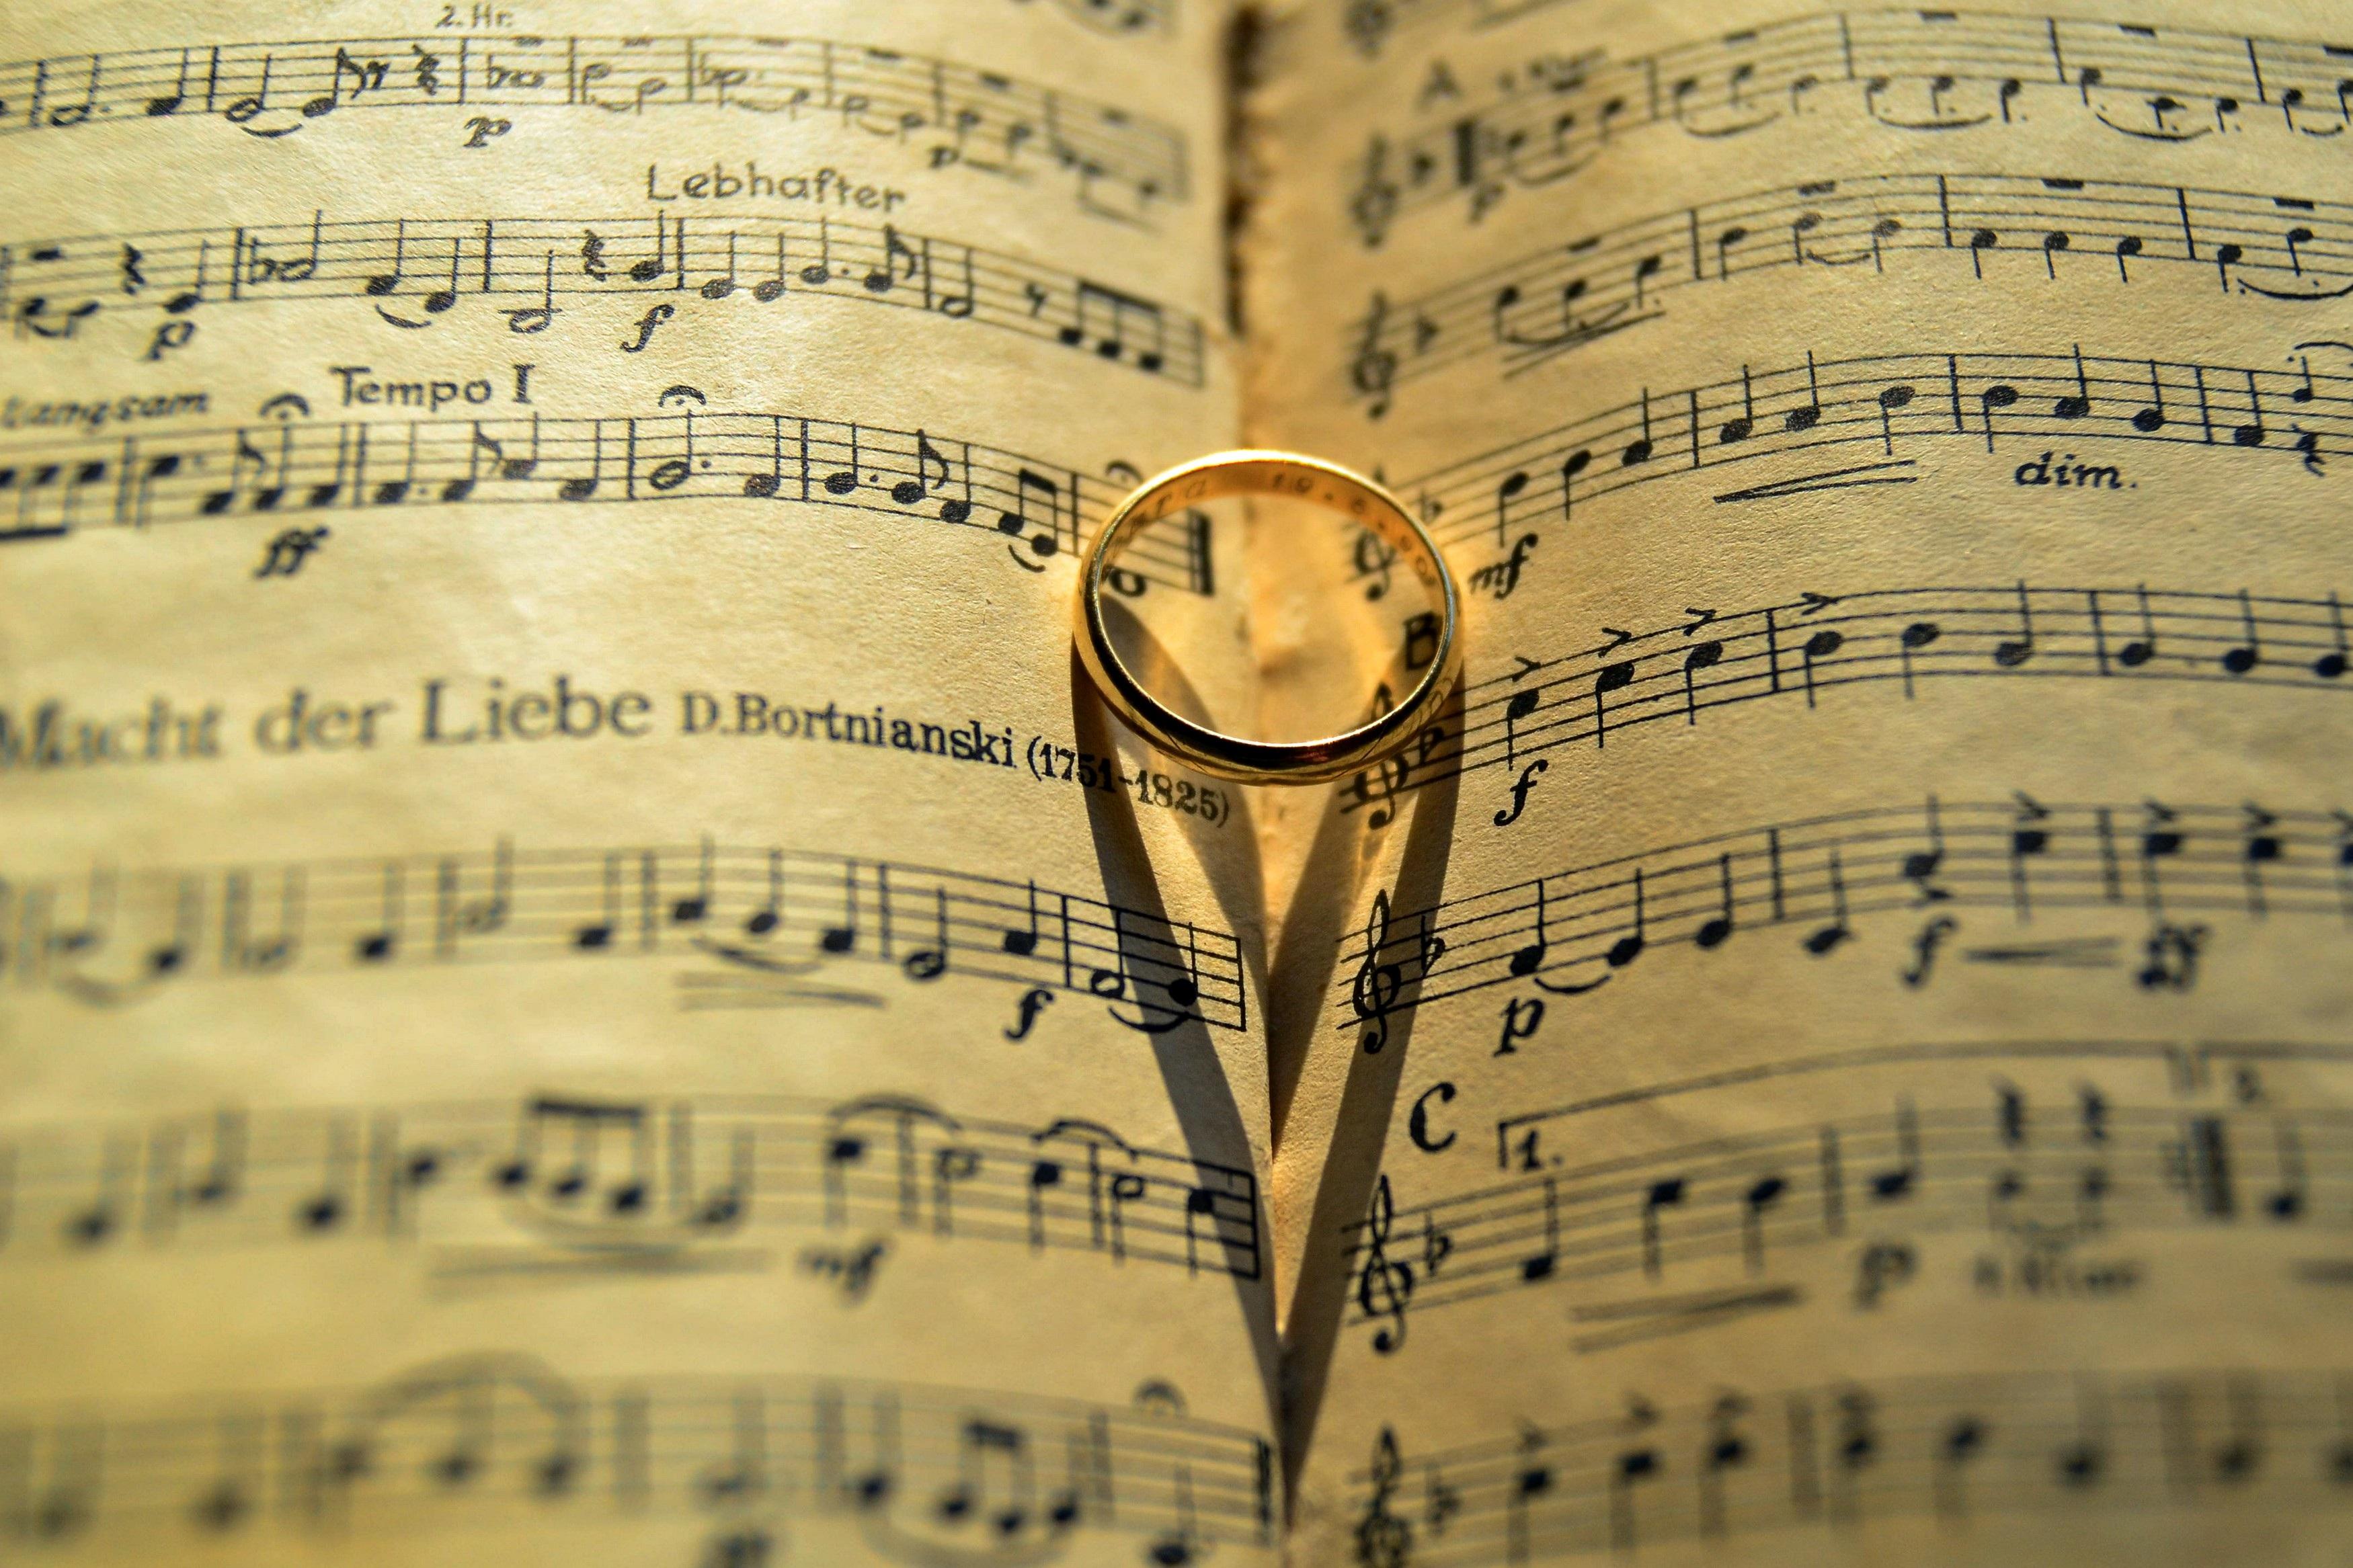 55659 Hintergrundbild herunterladen Musik, Herzen, Liebe, Schatten, Ring, Ein Herz, Anmerkungen - Bildschirmschoner und Bilder kostenlos